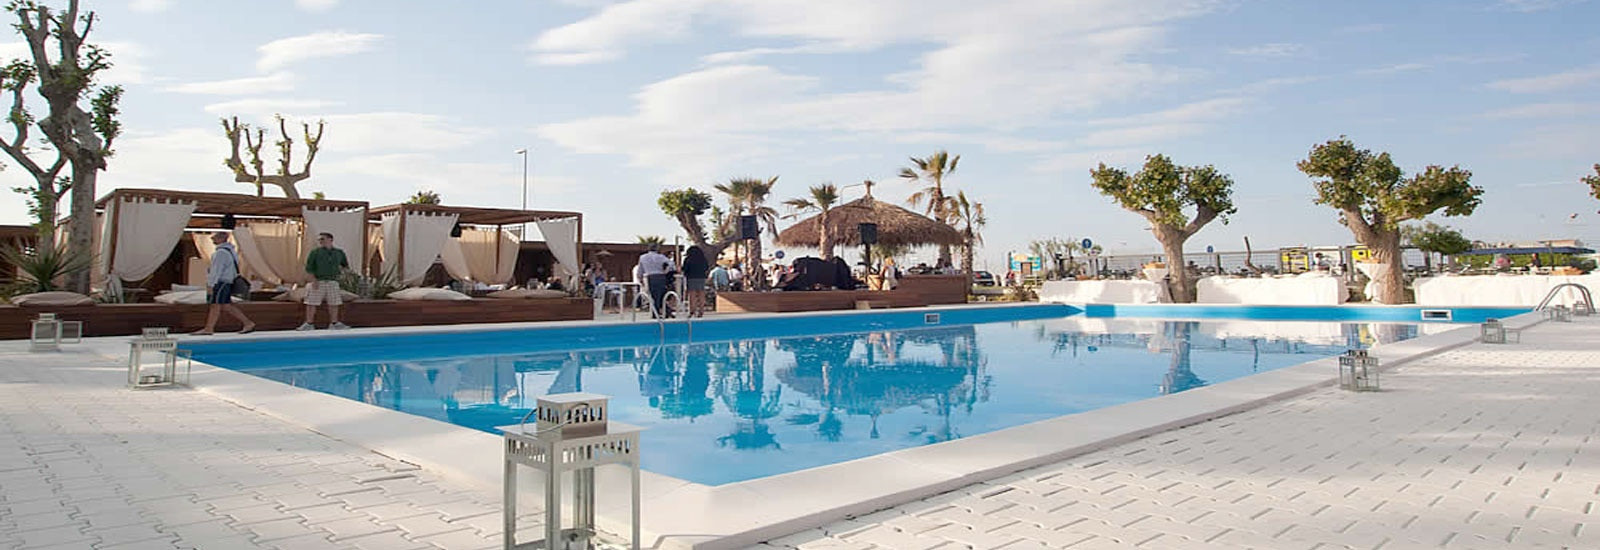 Hotel Bellariva Rimini Pensione Completa